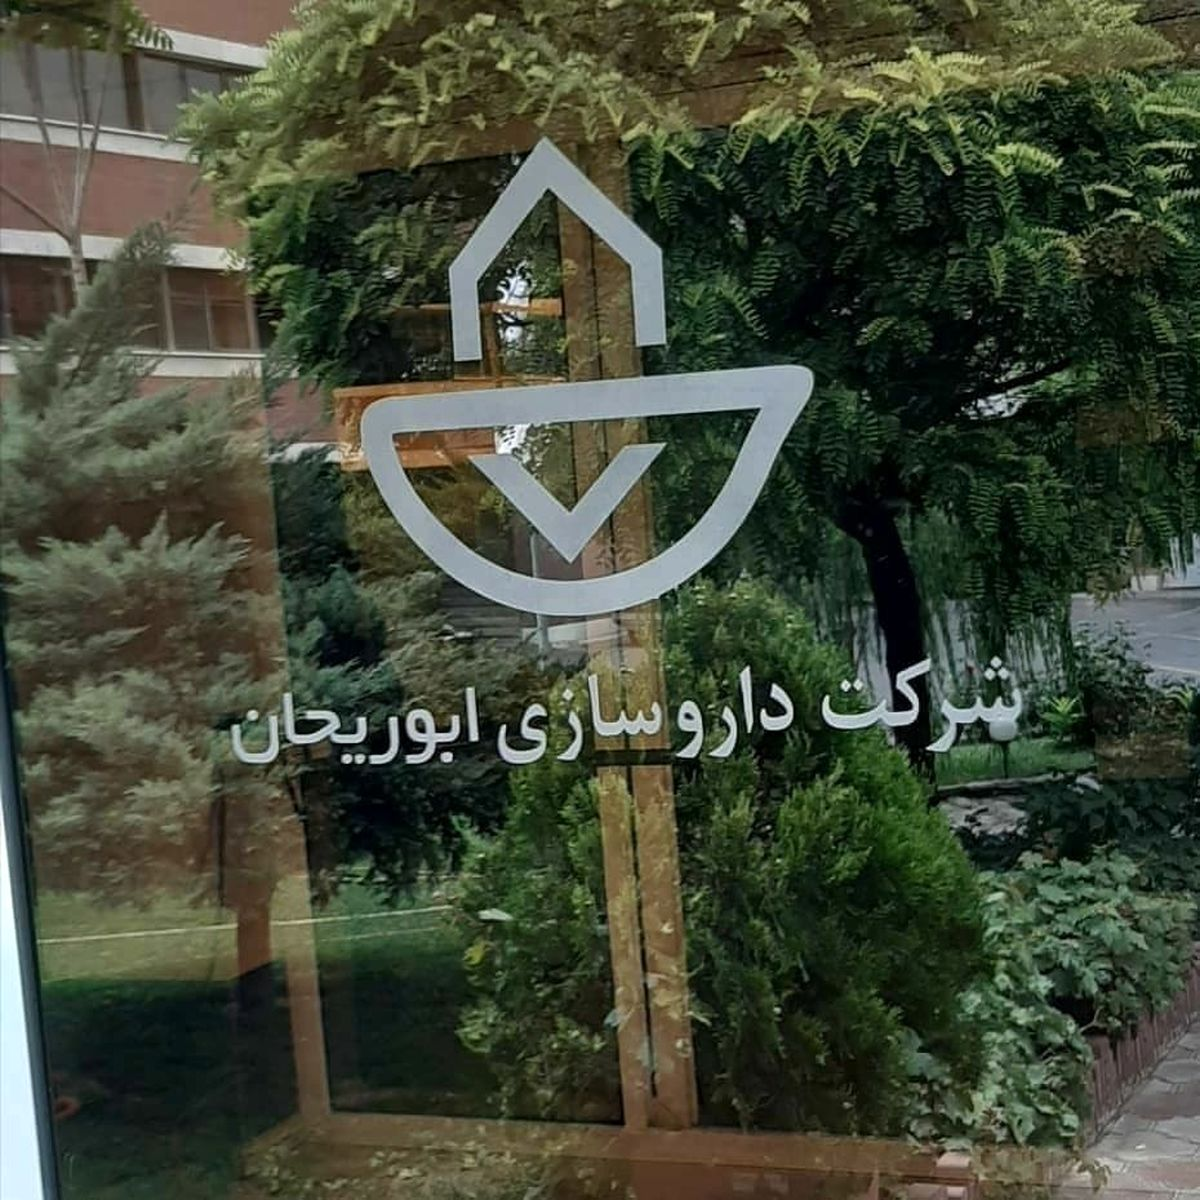 ابوریحان با ارزشترین شرکت داروسازی ایران